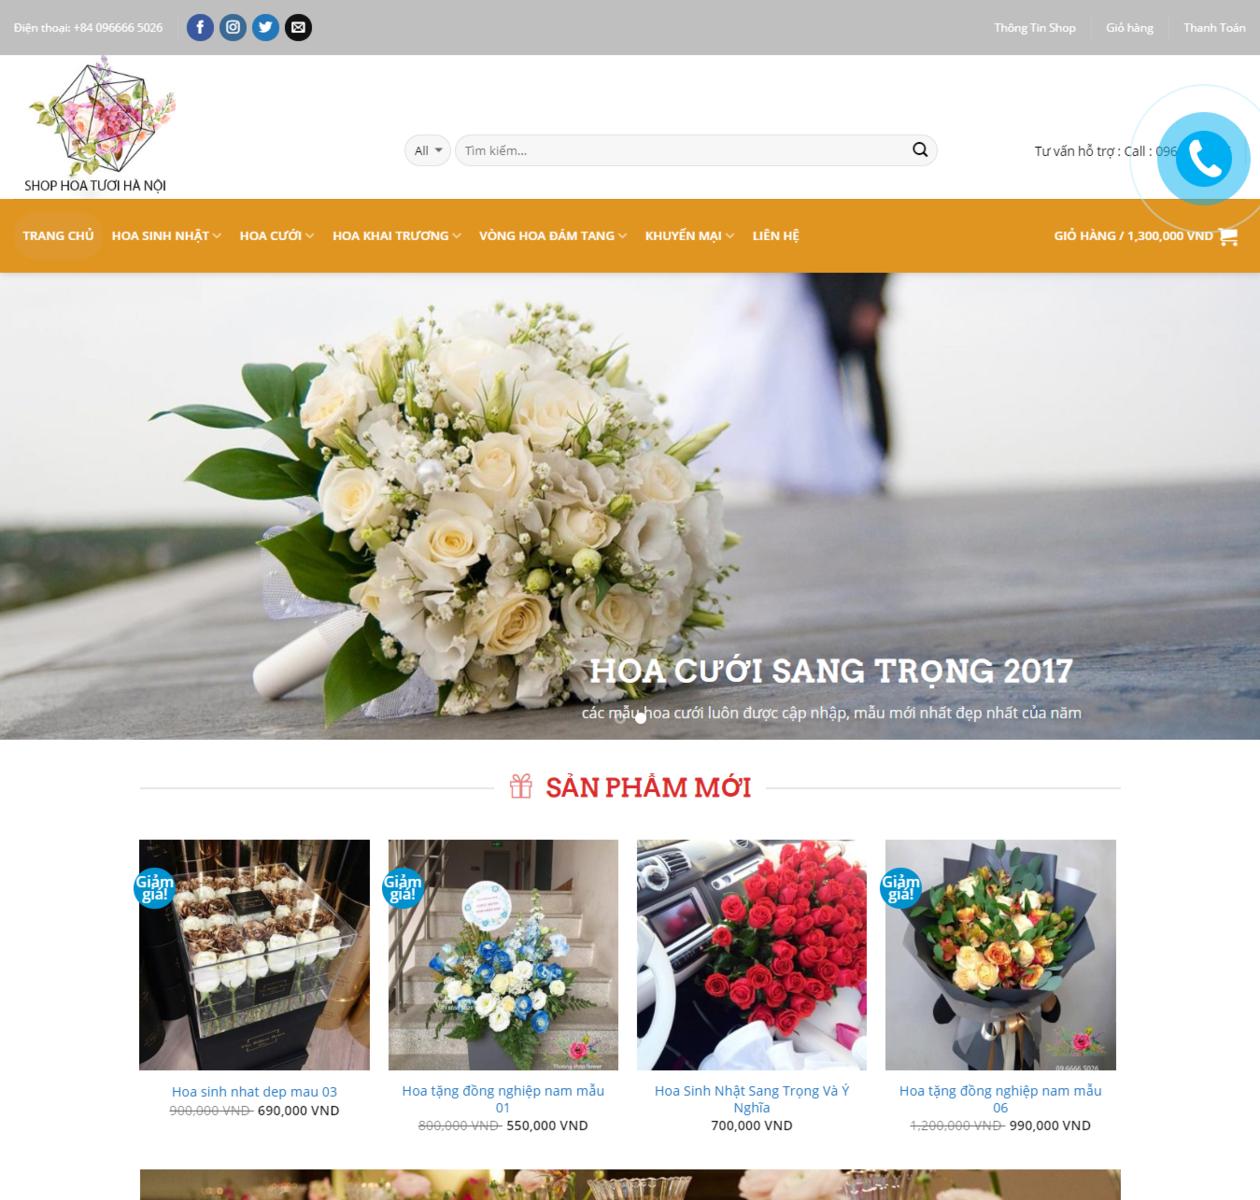 Mẫu web bán hoa tươi 24h thumbnail